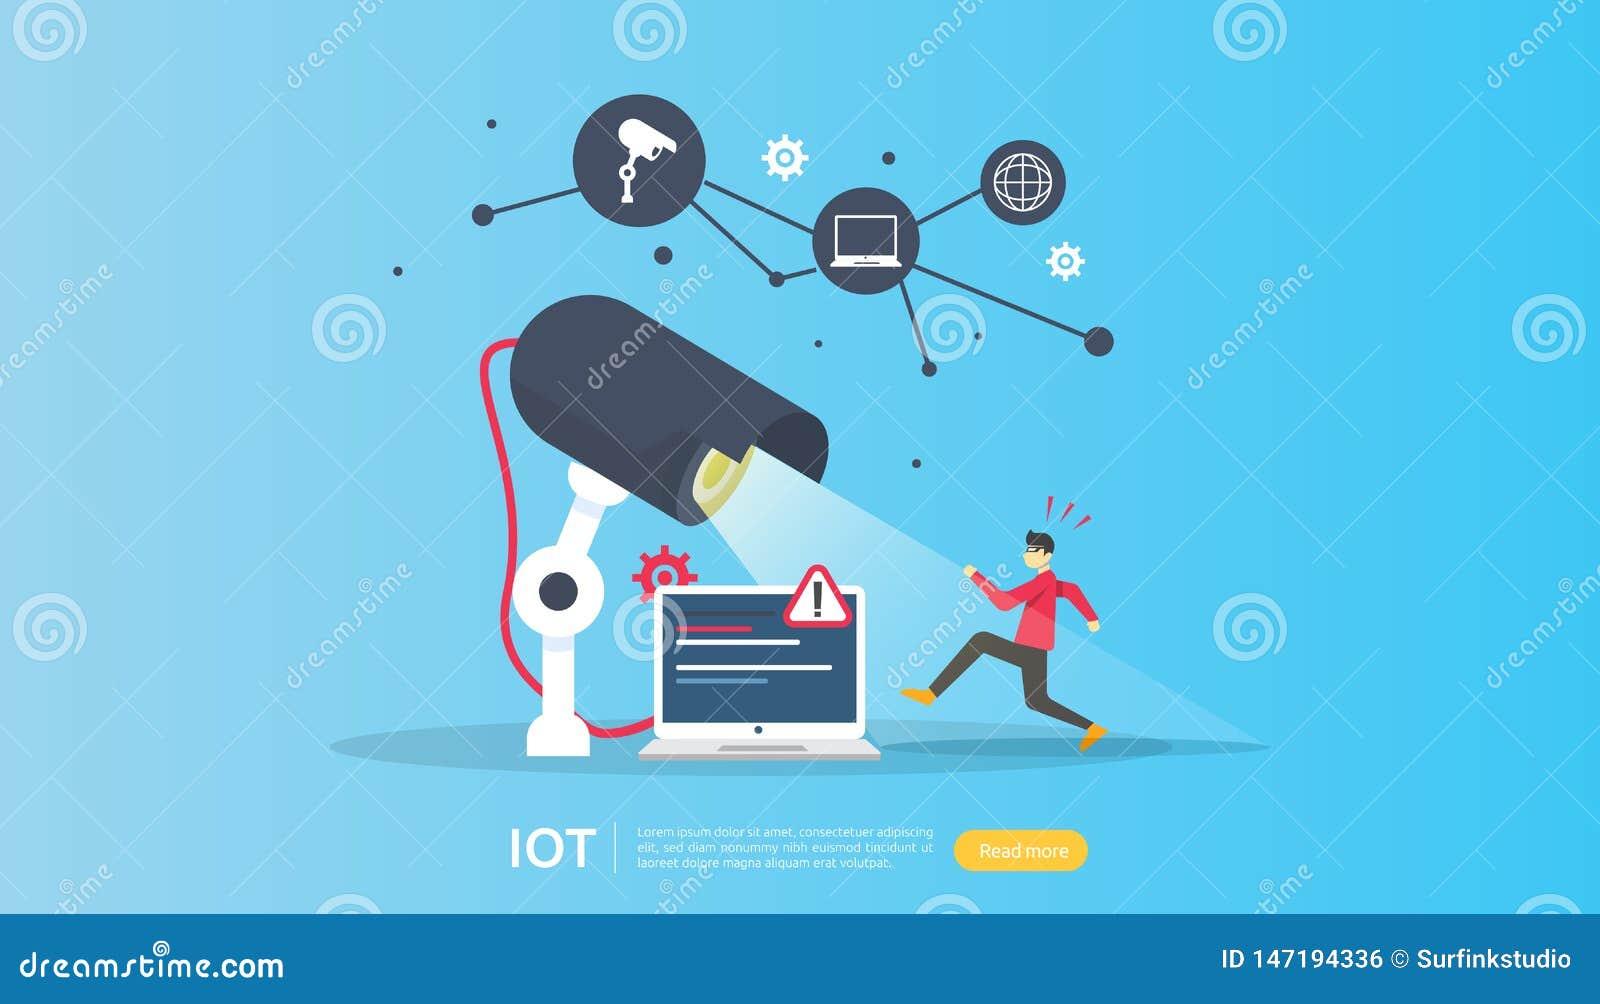 CCTV安全监控相机监视 窃贼震惊检测 事聪明的房子概念IOT互联网工业4的 ?